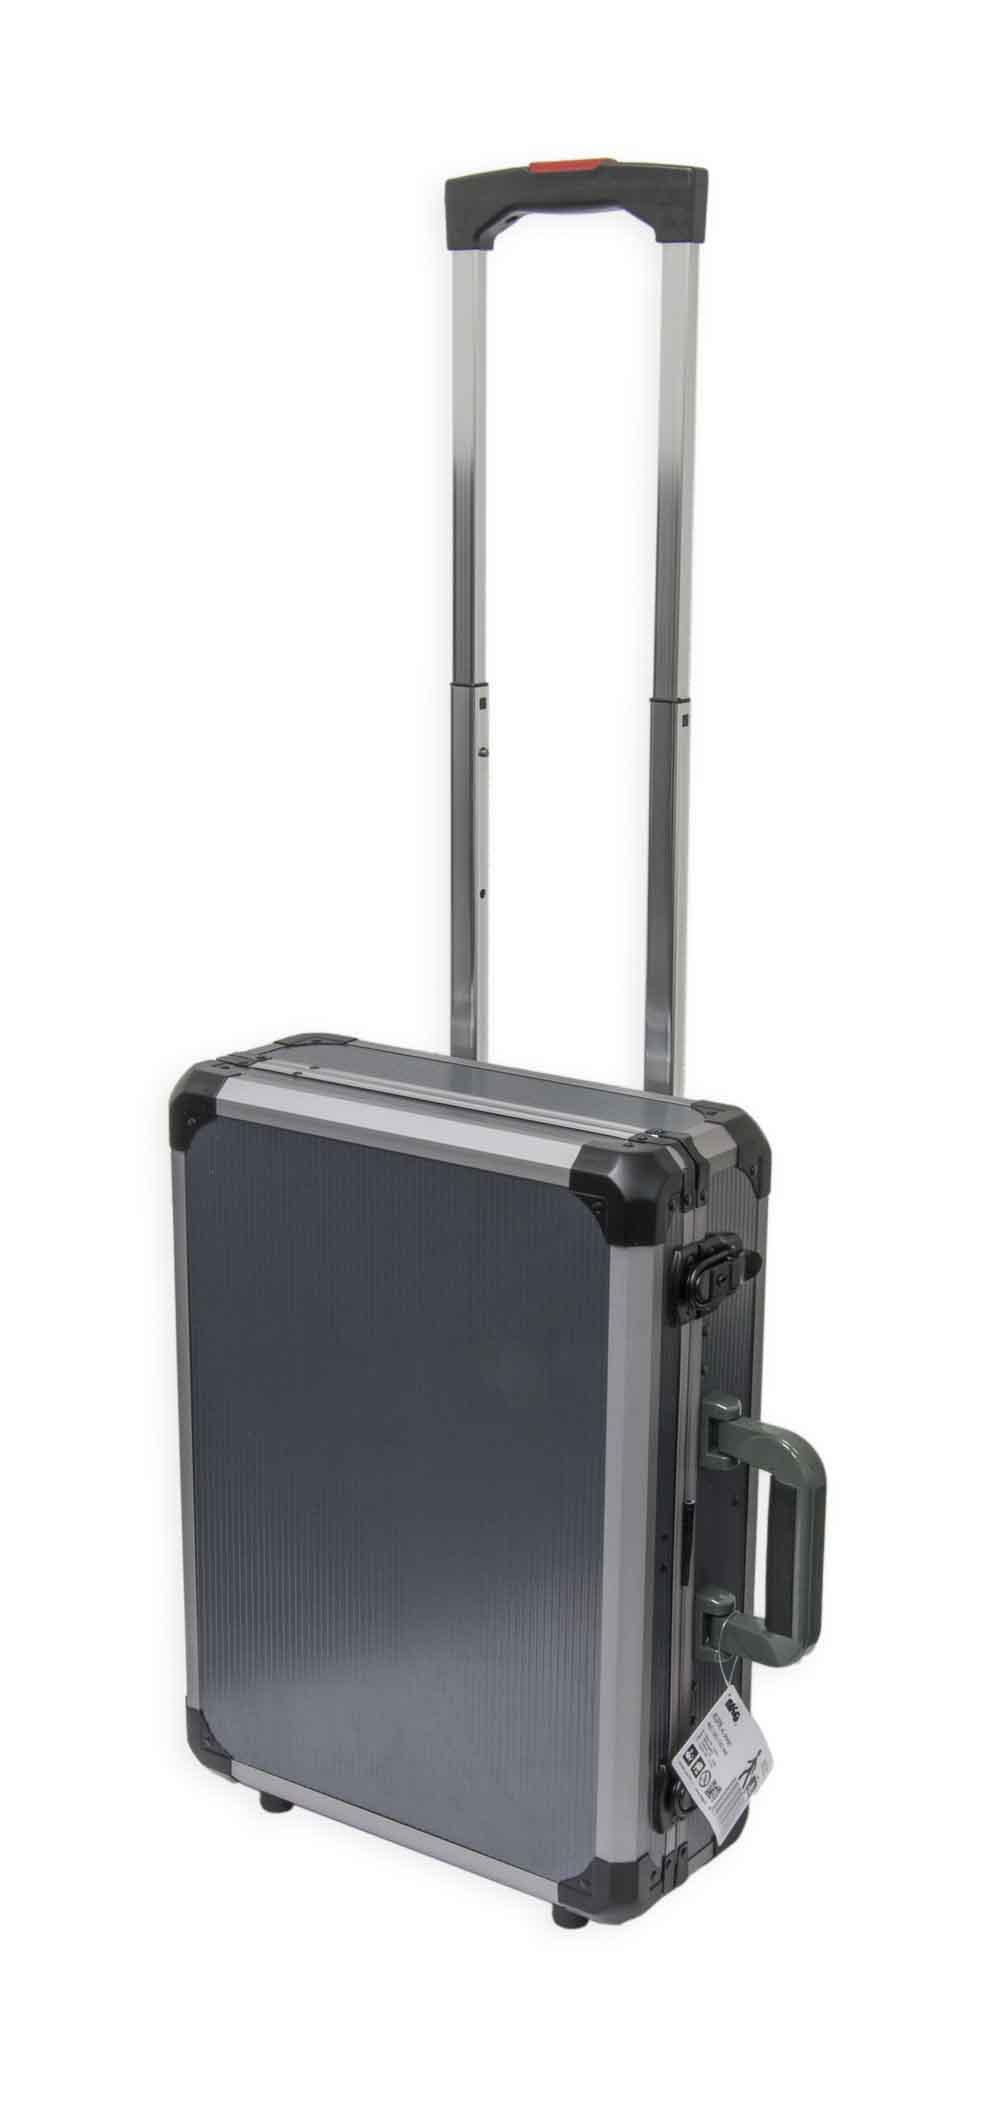 Kufr na nářadí na kolečkách, 465x345x142 mm pojízdný, AL design